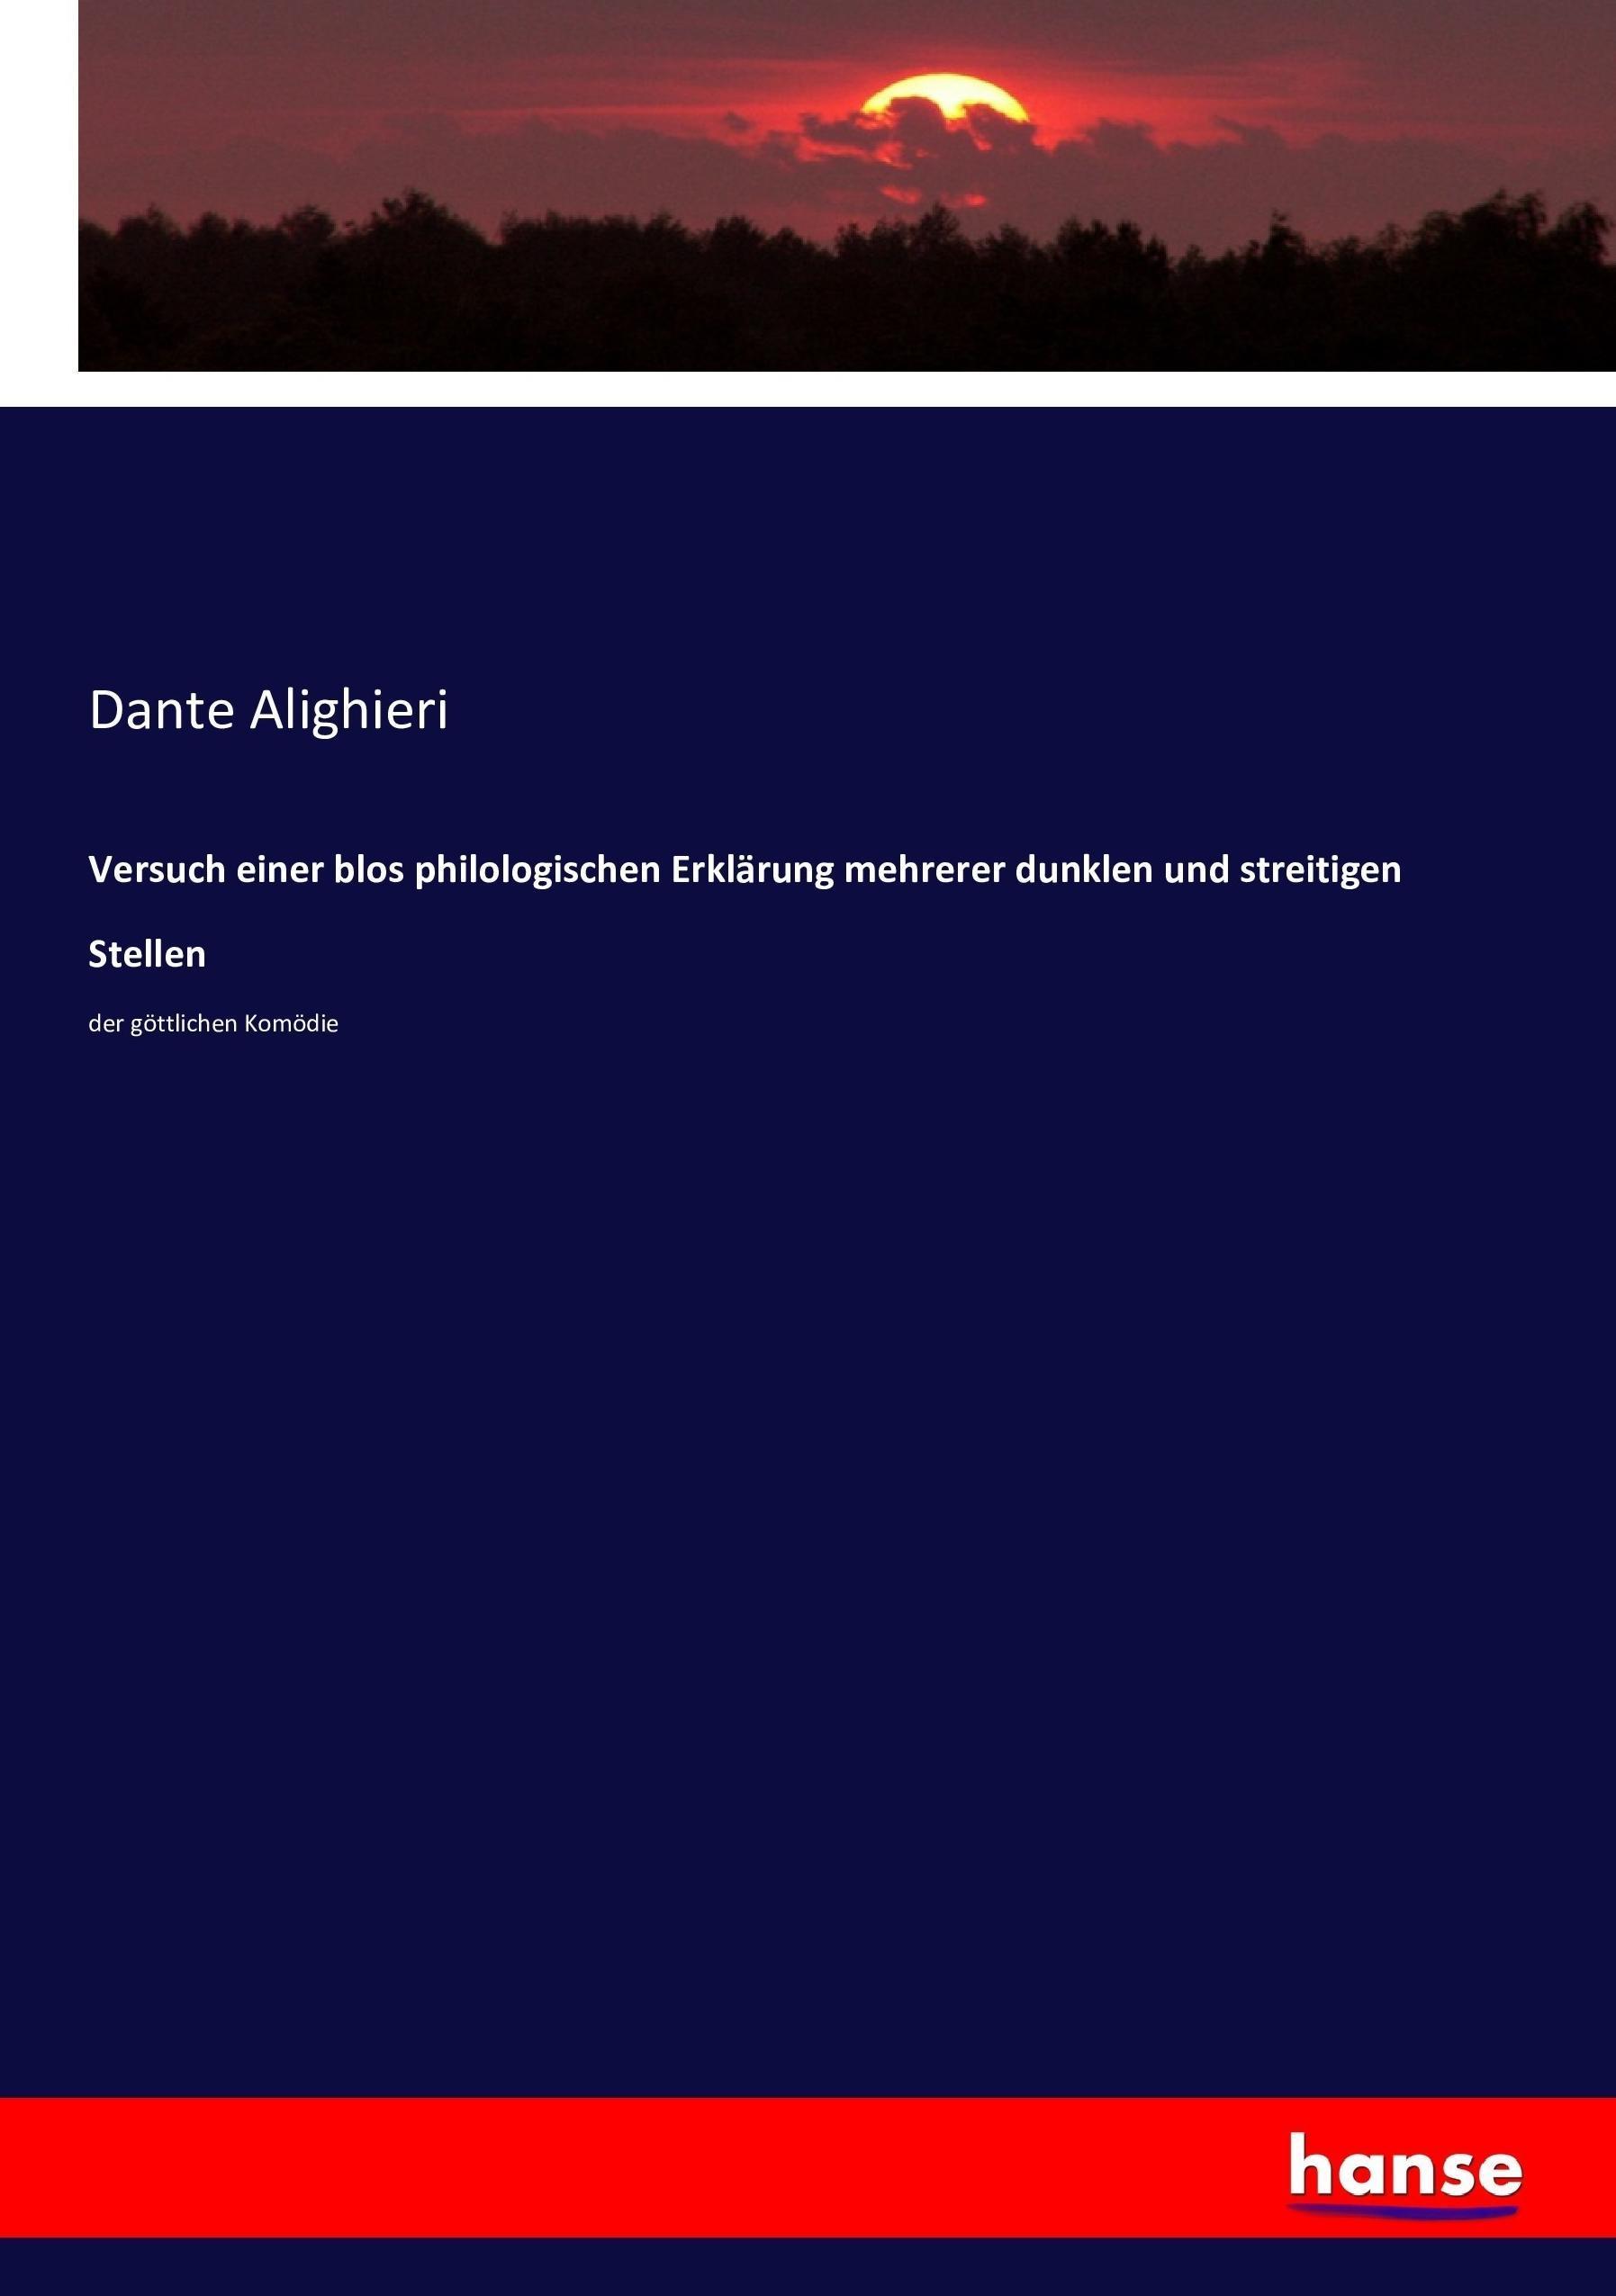 Versuch einer blos philologischen Erklärung mehrerer dunklen und streitigen ...